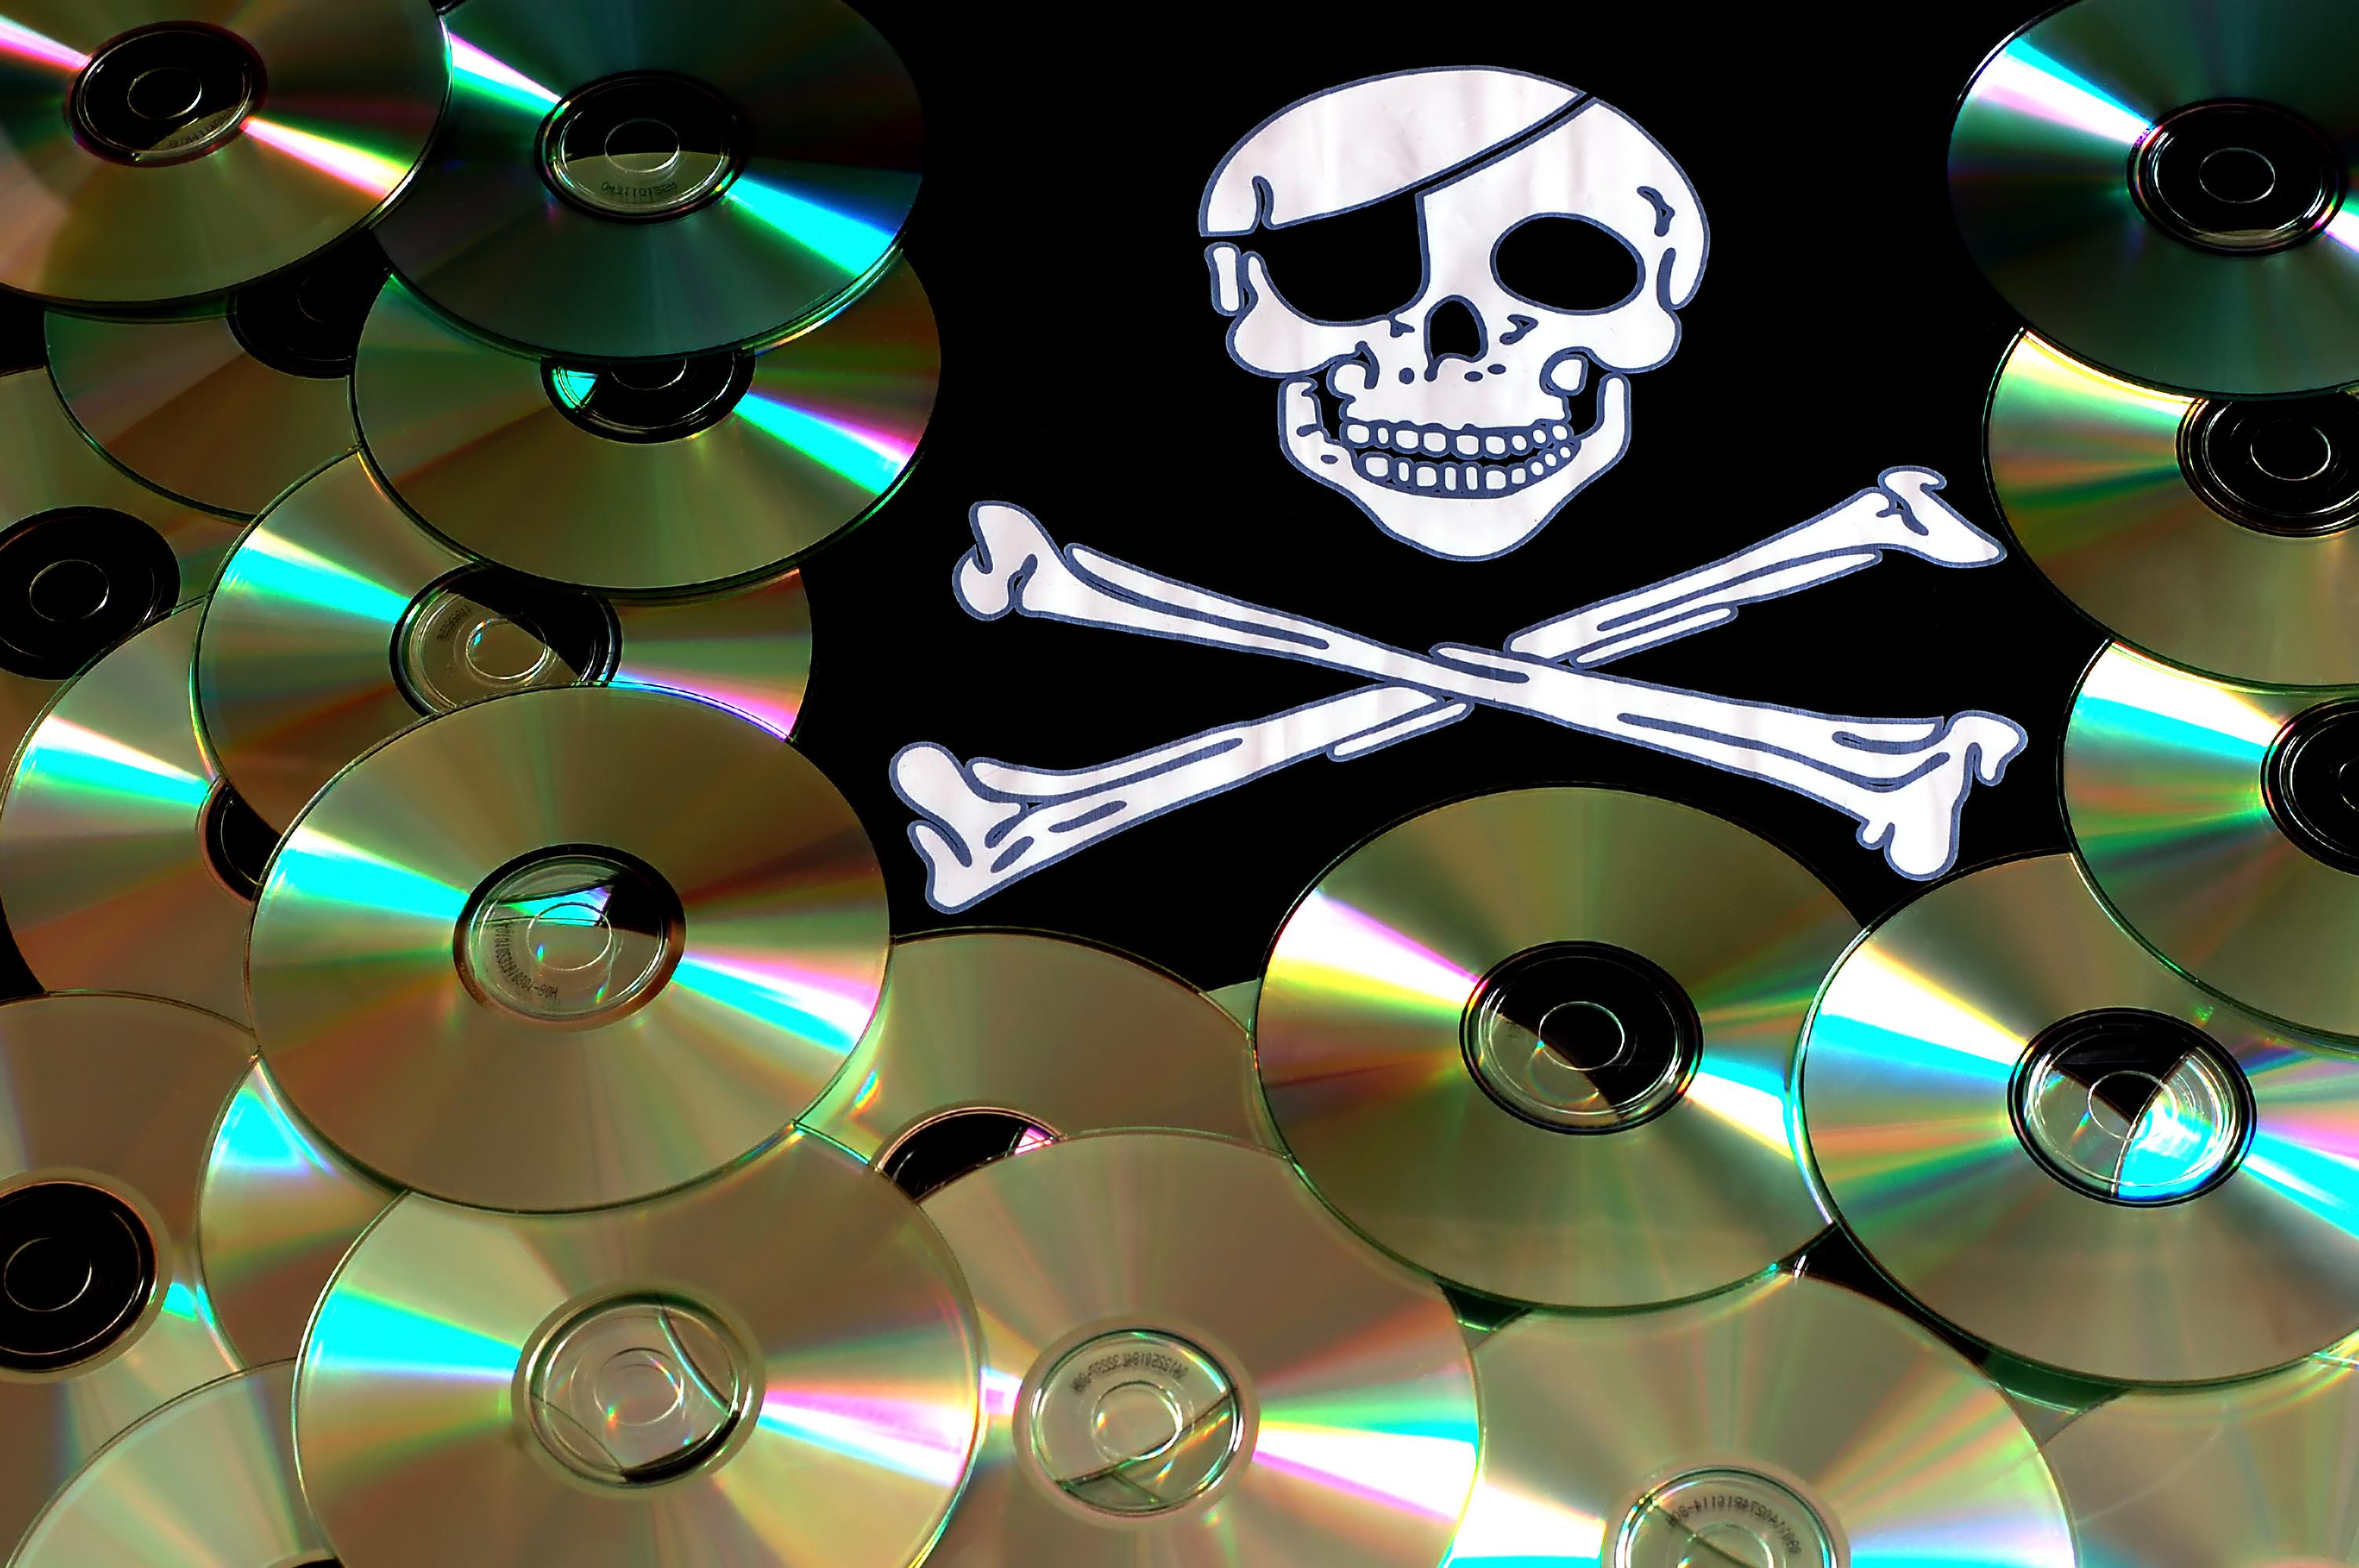 Od ludzkich sieci P2P do internetowej swobody – historia piractwa w pigułce